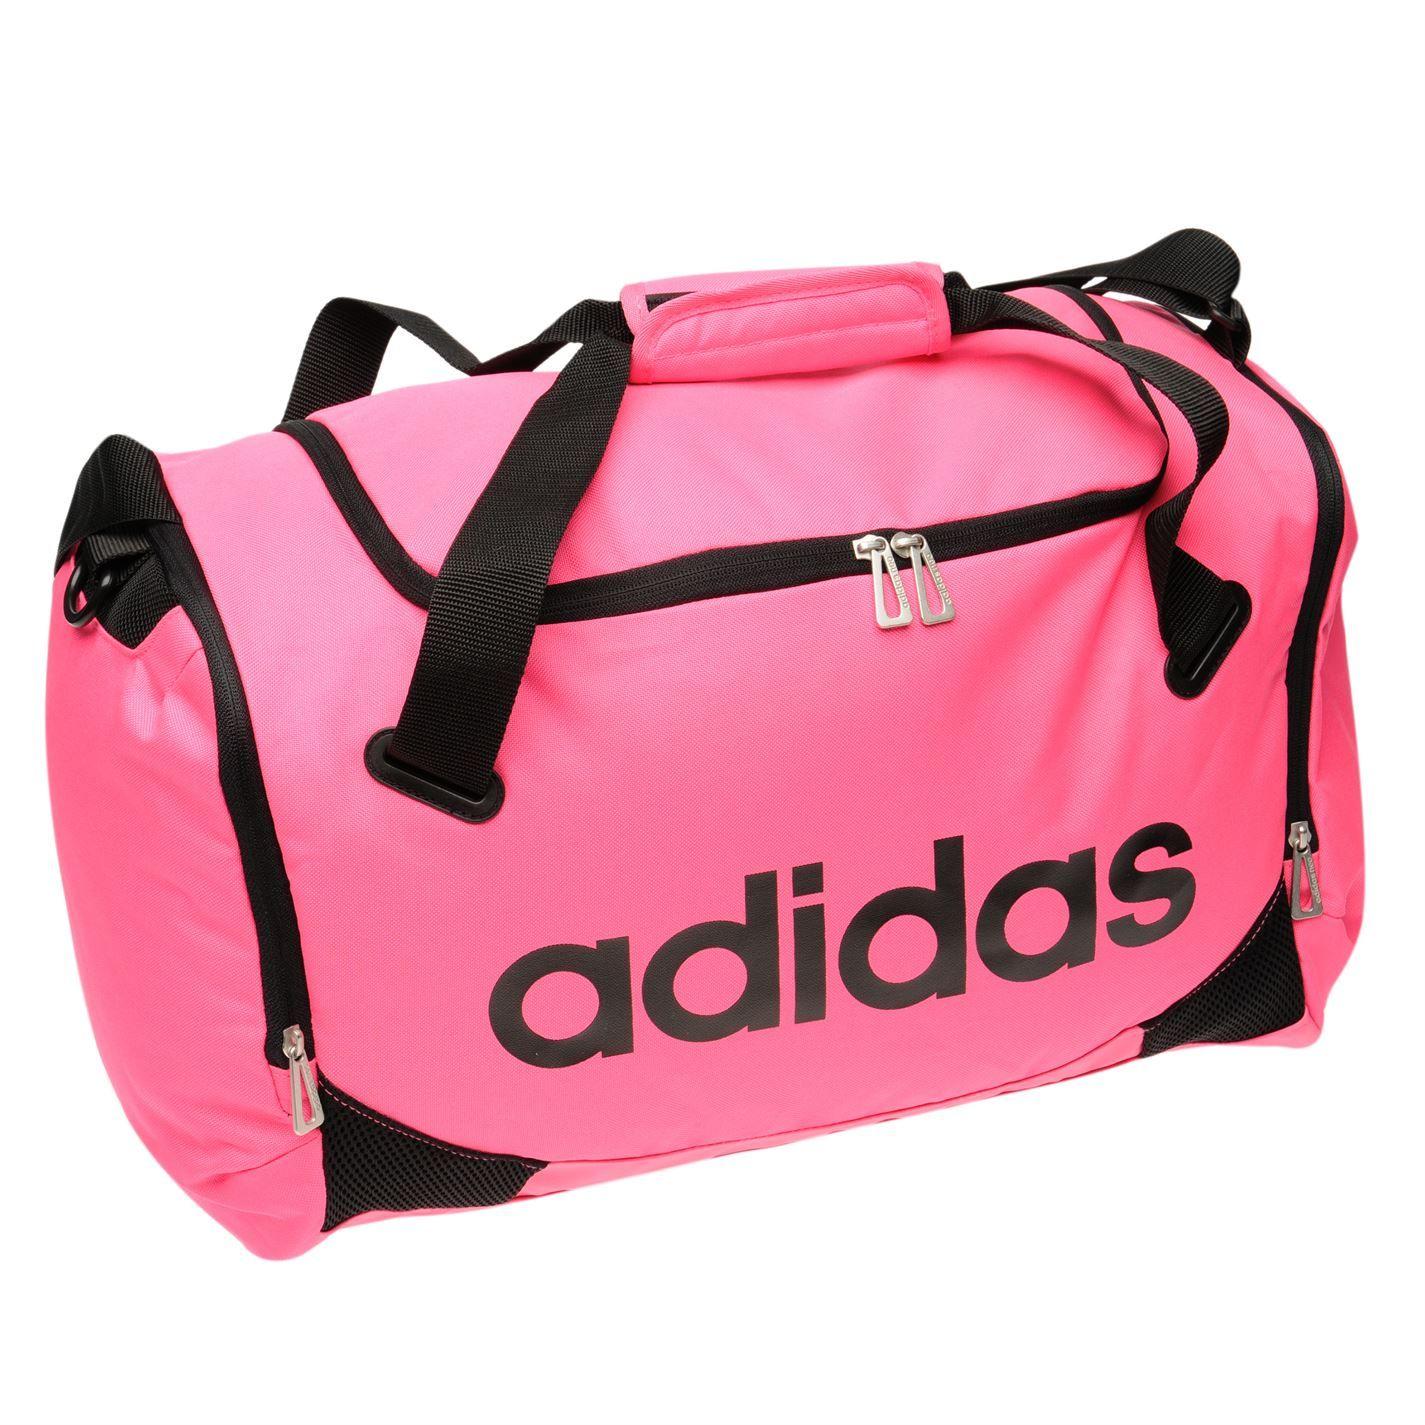 0b3ae1294b41 Nike Mini Backpack Sports Direct- Fenix Toulouse Handball